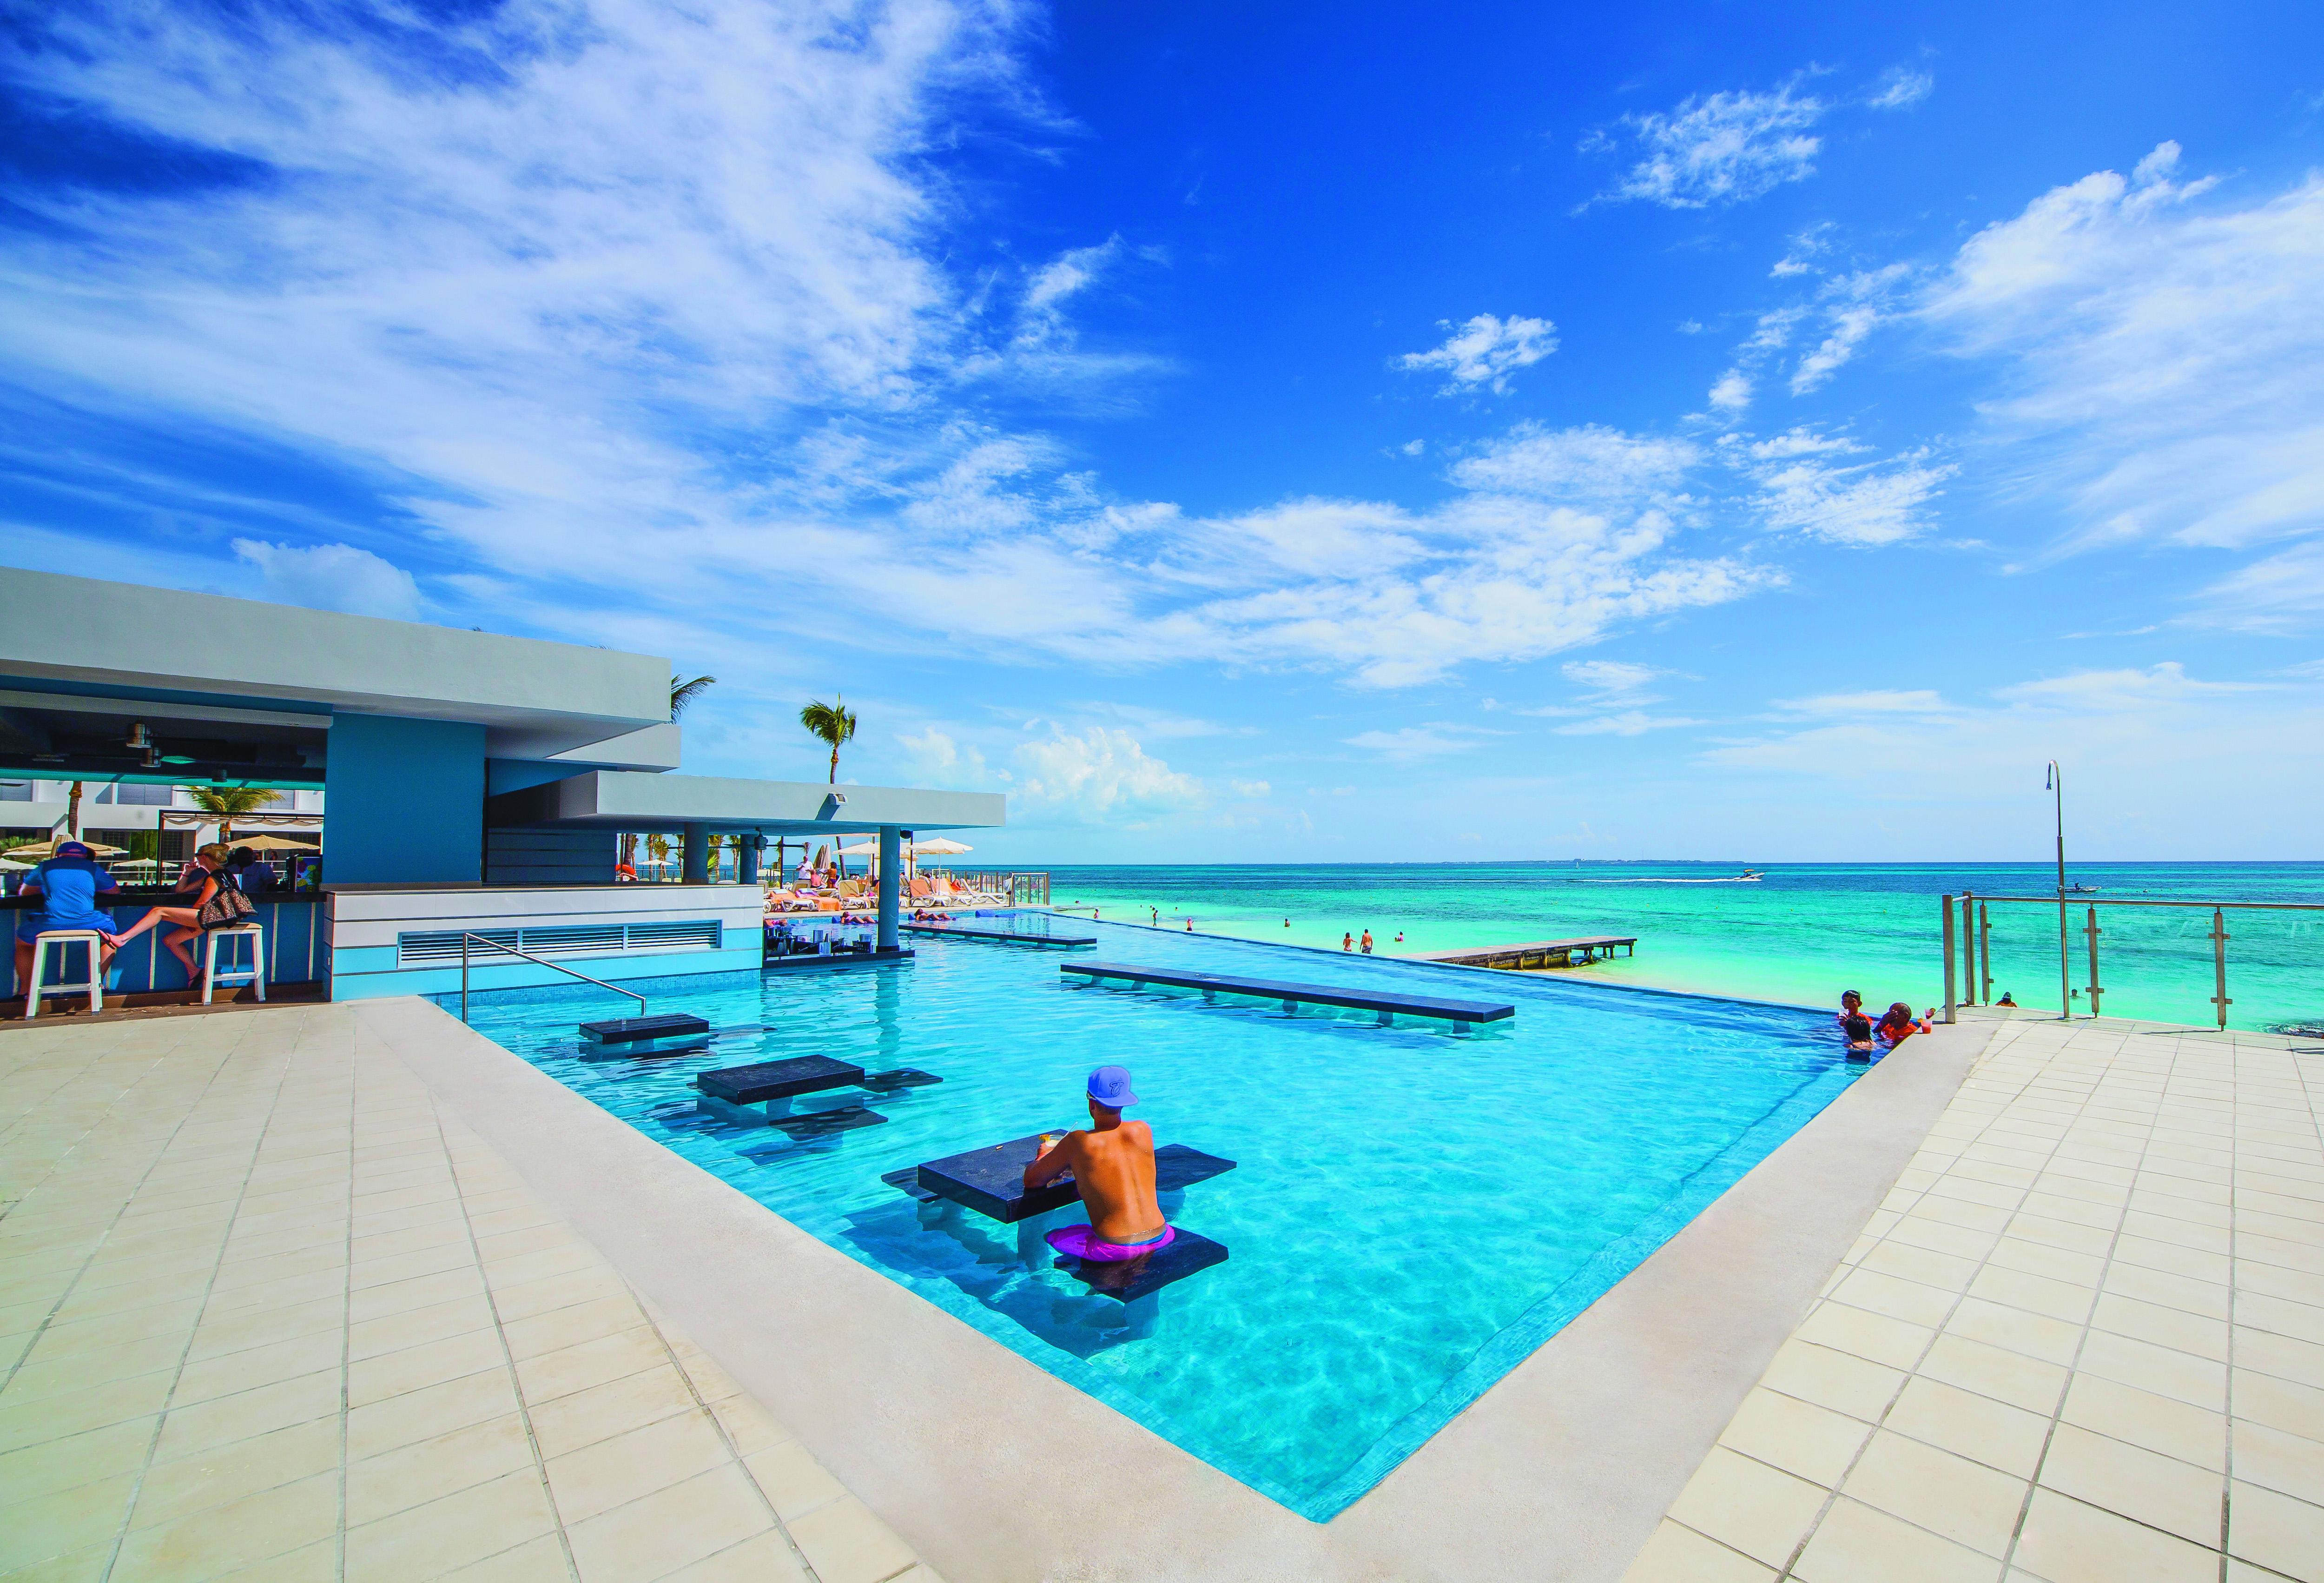 Réouverture du Riu Cancun après ses rénovations